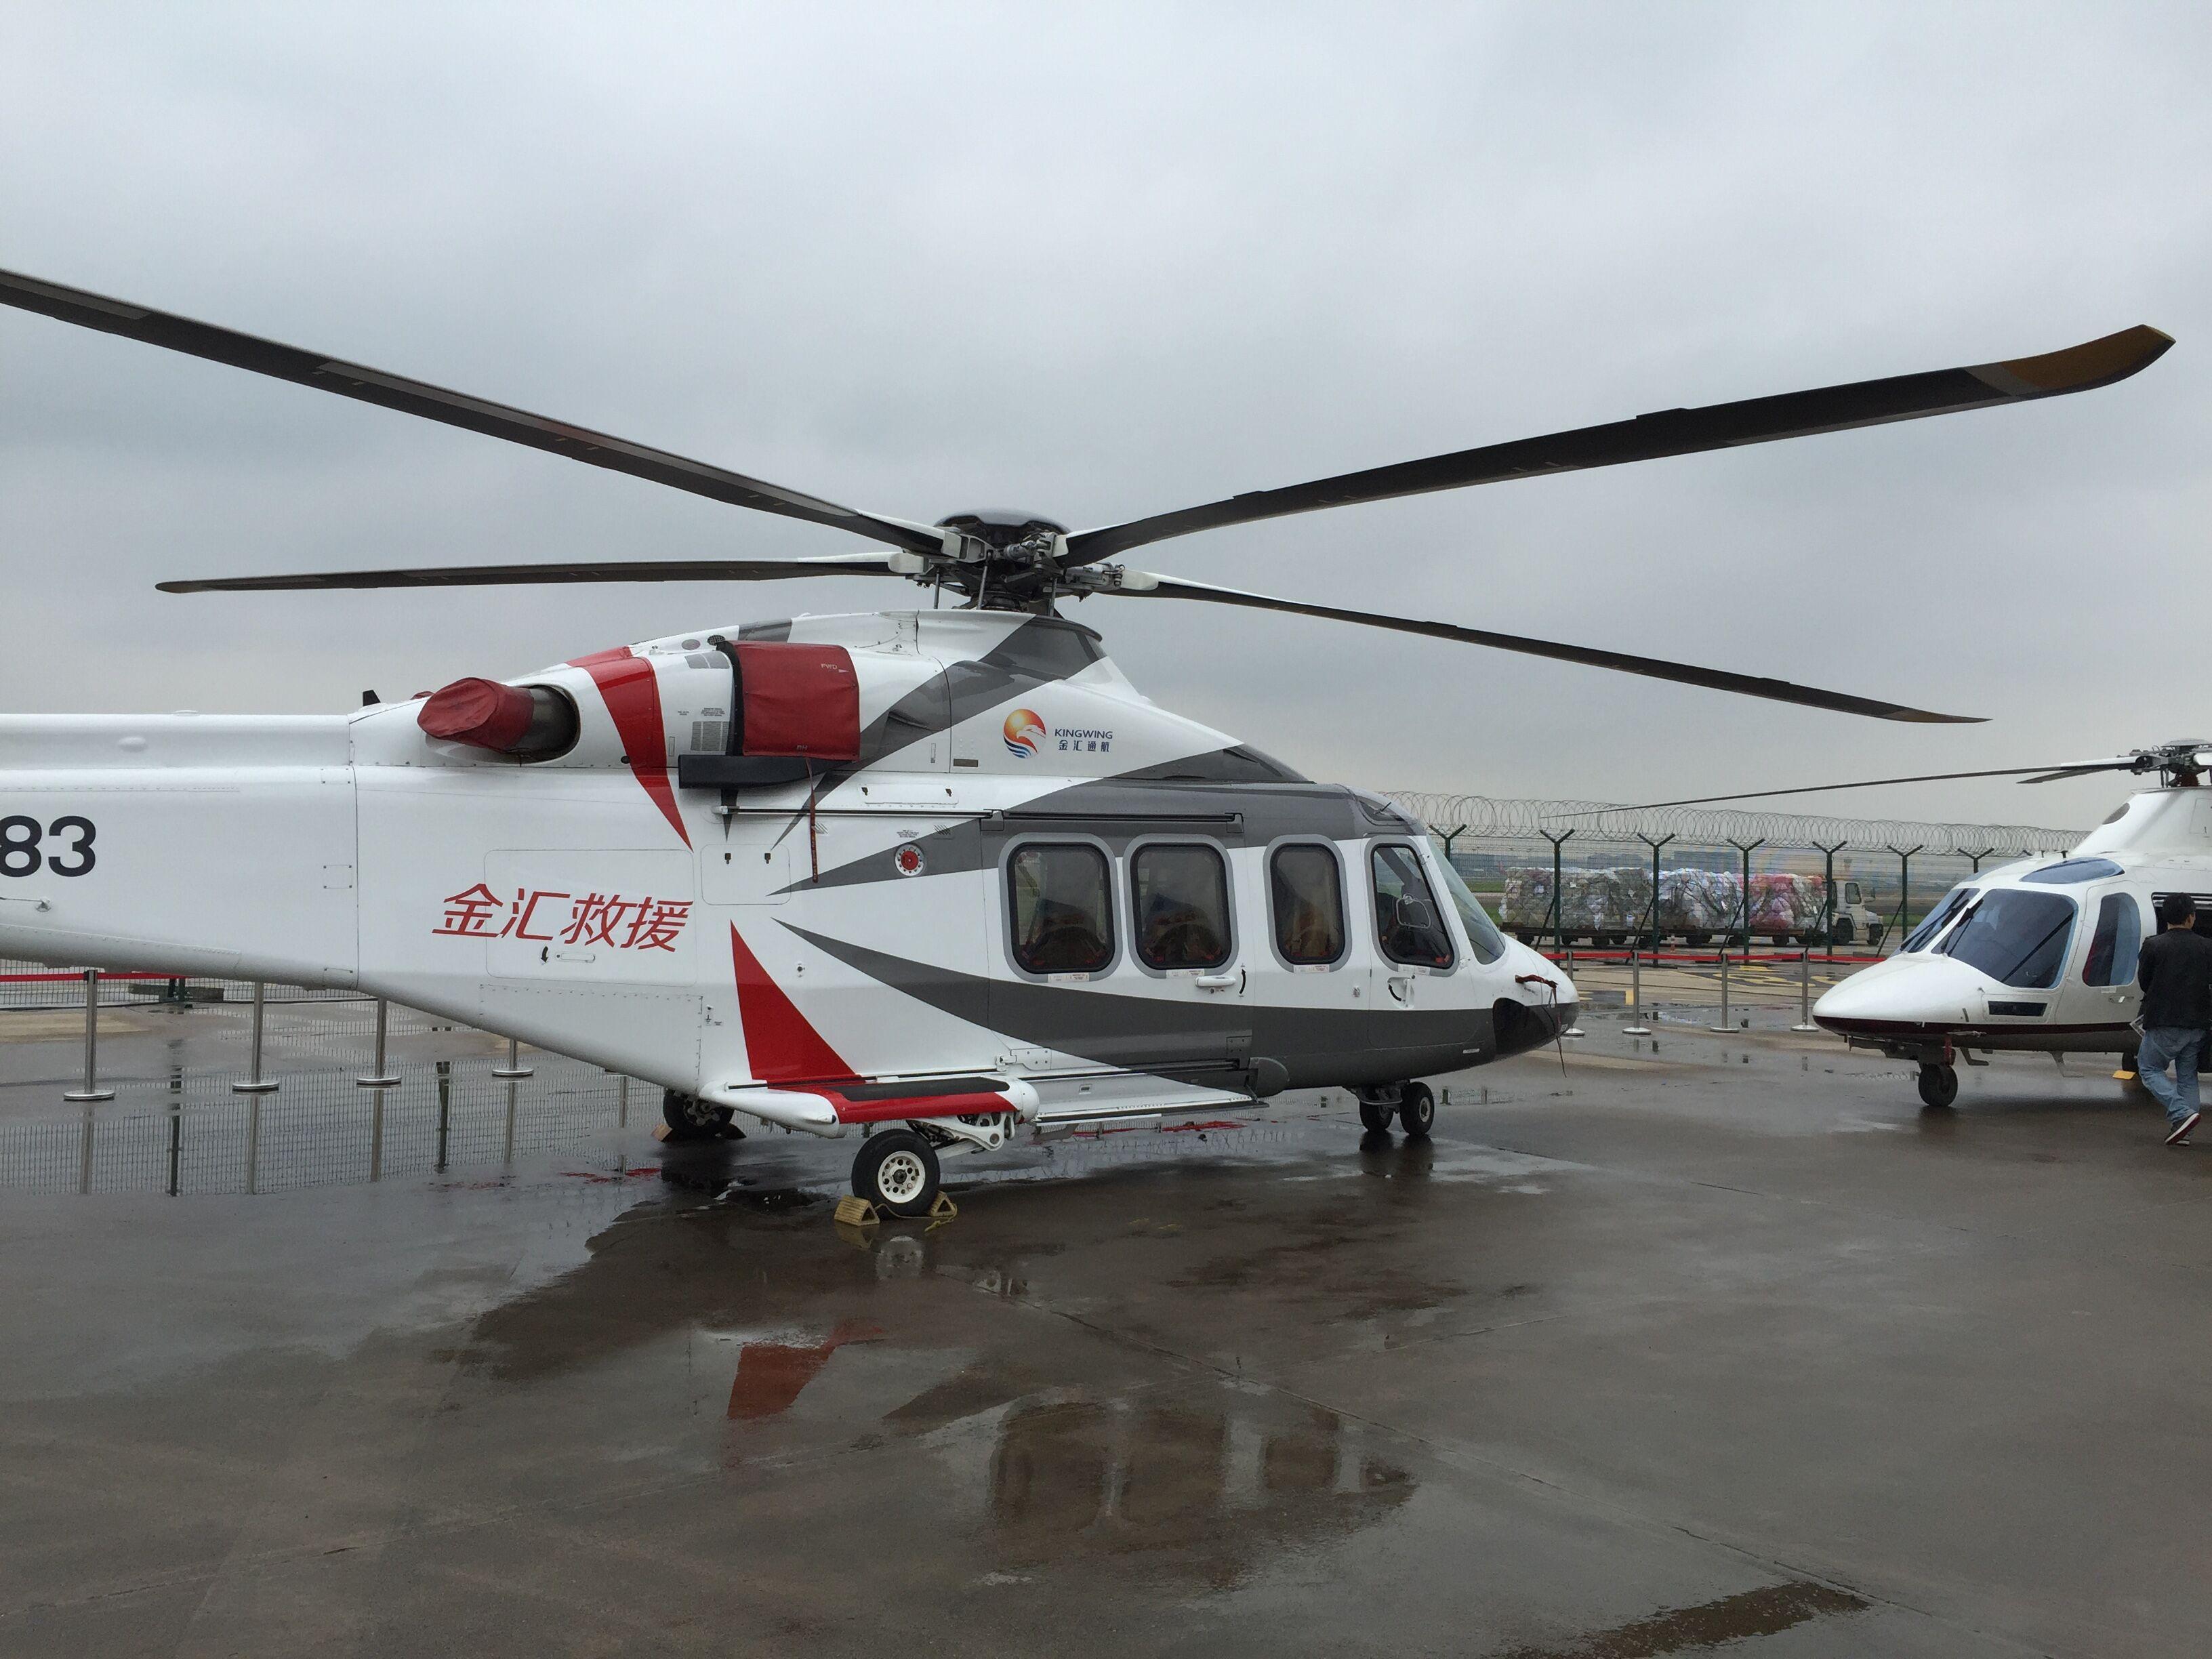 """新款公务机亮相中国 达索航空是一家全球领先的航空公司,业务遍及五大洲 90 多个国家。该公司生产""""阵风""""战斗机,以及猎鹰系列公务机。在此次展会上,达索航空的全新旗舰机型猎鹰8X登场亮相,迎来众人瞩目。这是该款超远程三引擎公务机于中国首次亮相,也是首架配备全套内饰的猎鹰8X公务机。8X序列号03已经进行了为时四个星期的环球飞行测试,航程达55,000海里(101,860公里),旨在模拟客户在未来运营中可能面对的各种环境的极端情况。环球飞行测试期间将执行65次不同的飞行任务,飞行距离从"""